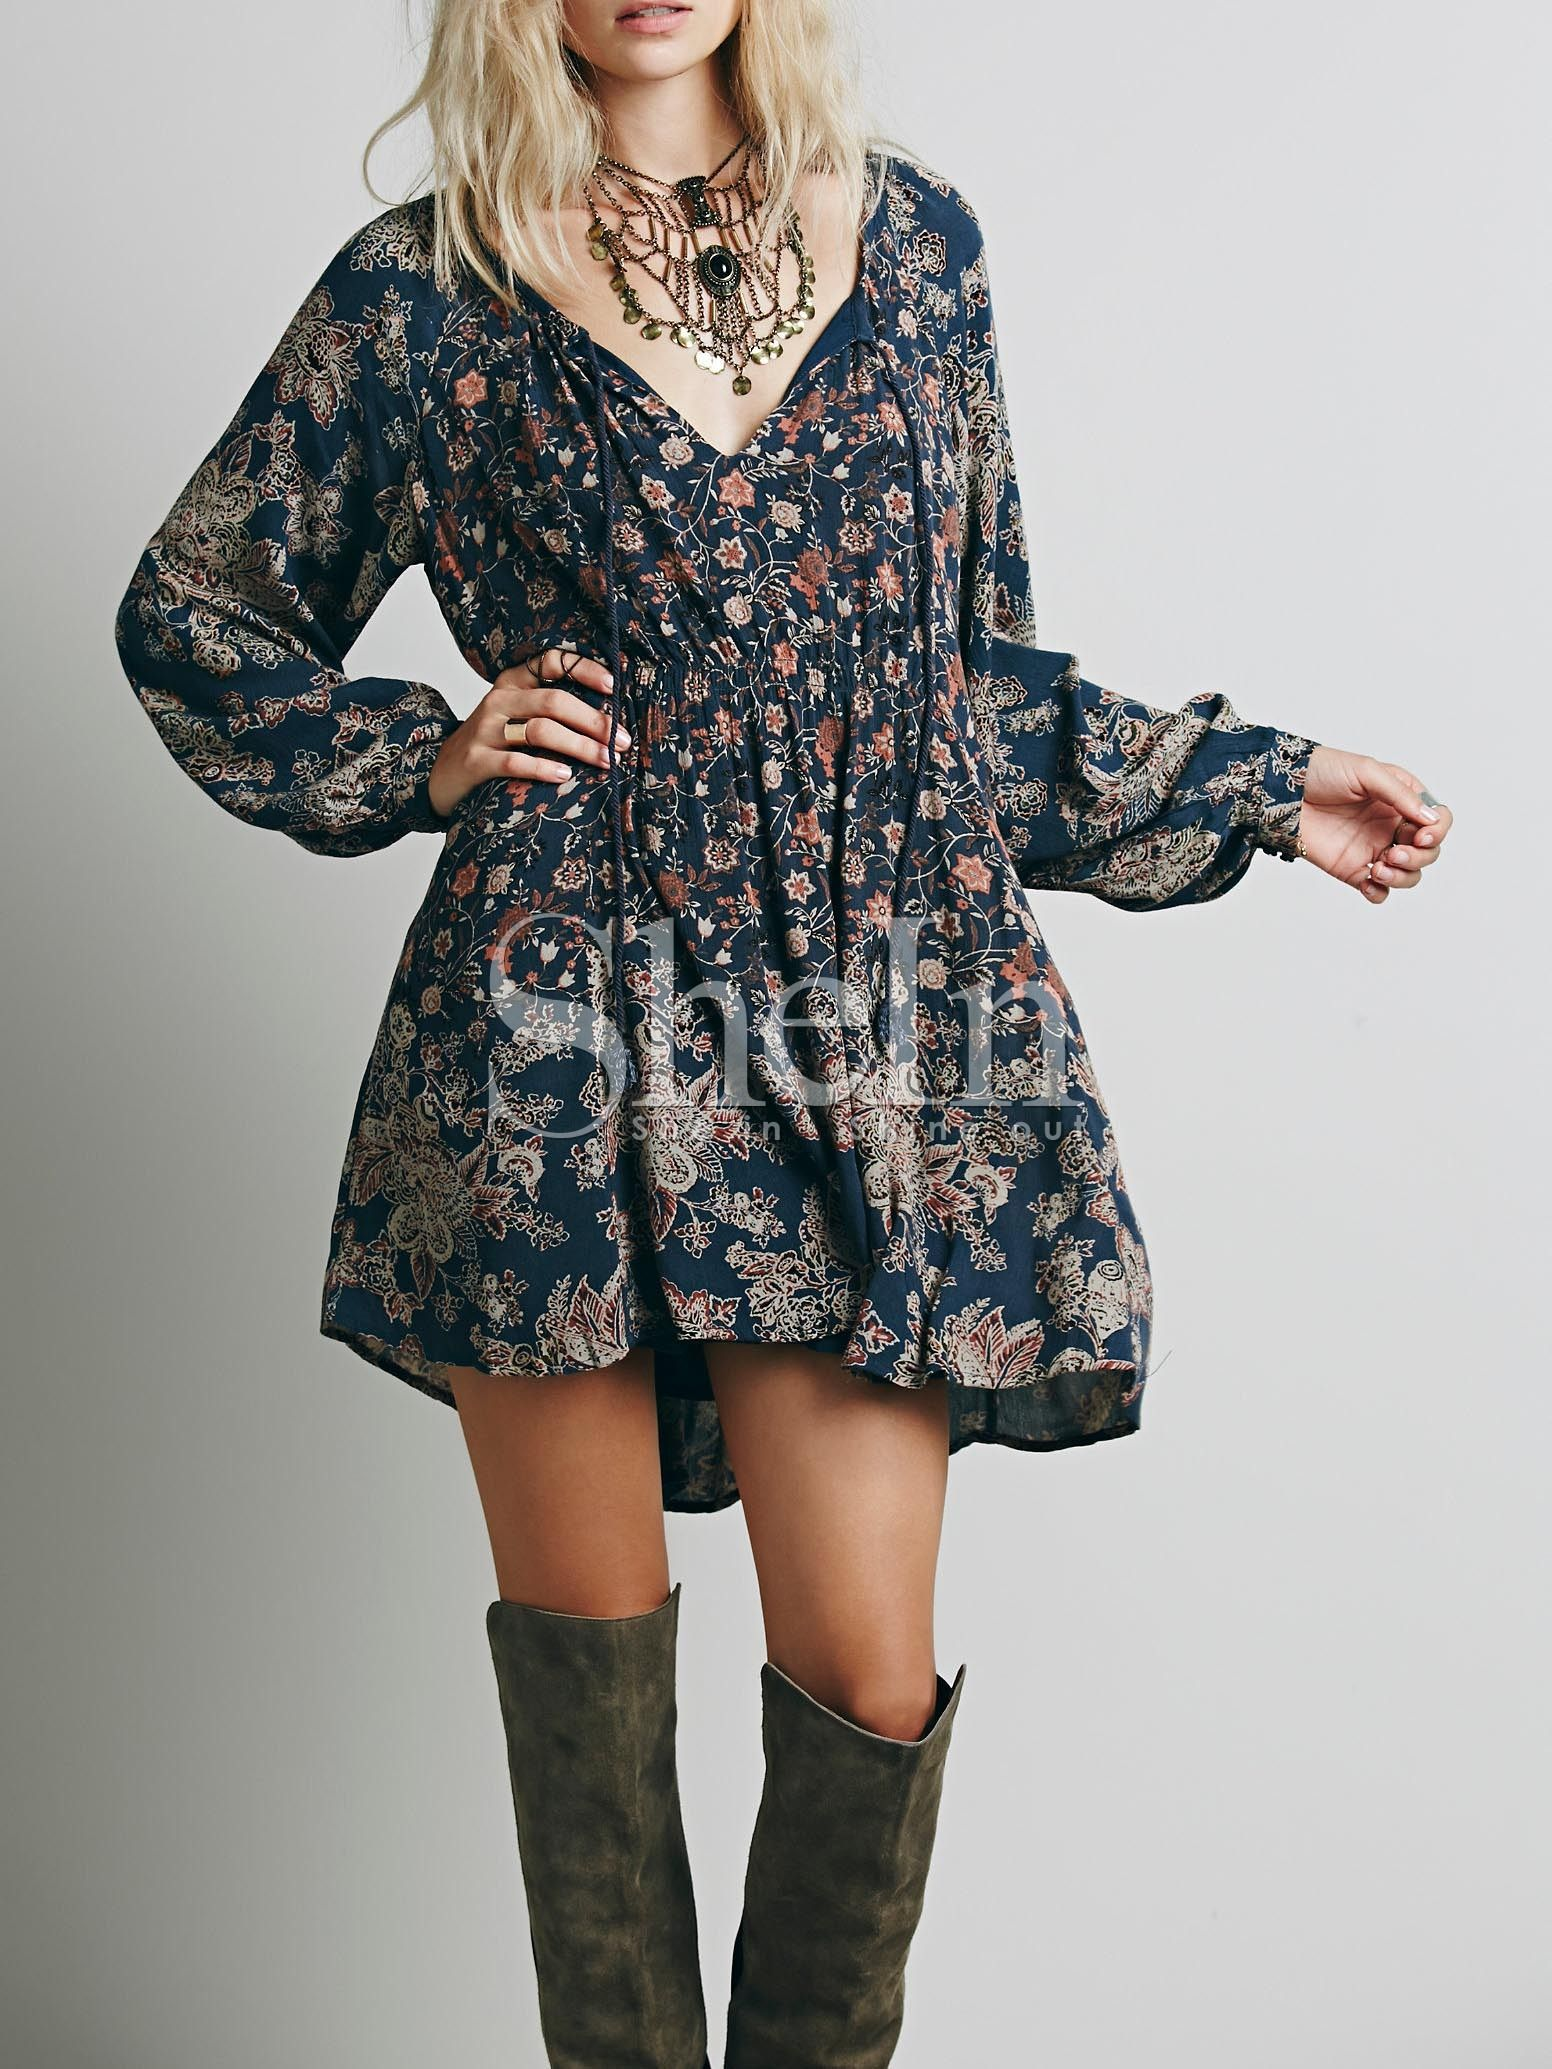 Kleid Langarm mit Druck - marineblau 19.39   Wishlist   Pinterest ...